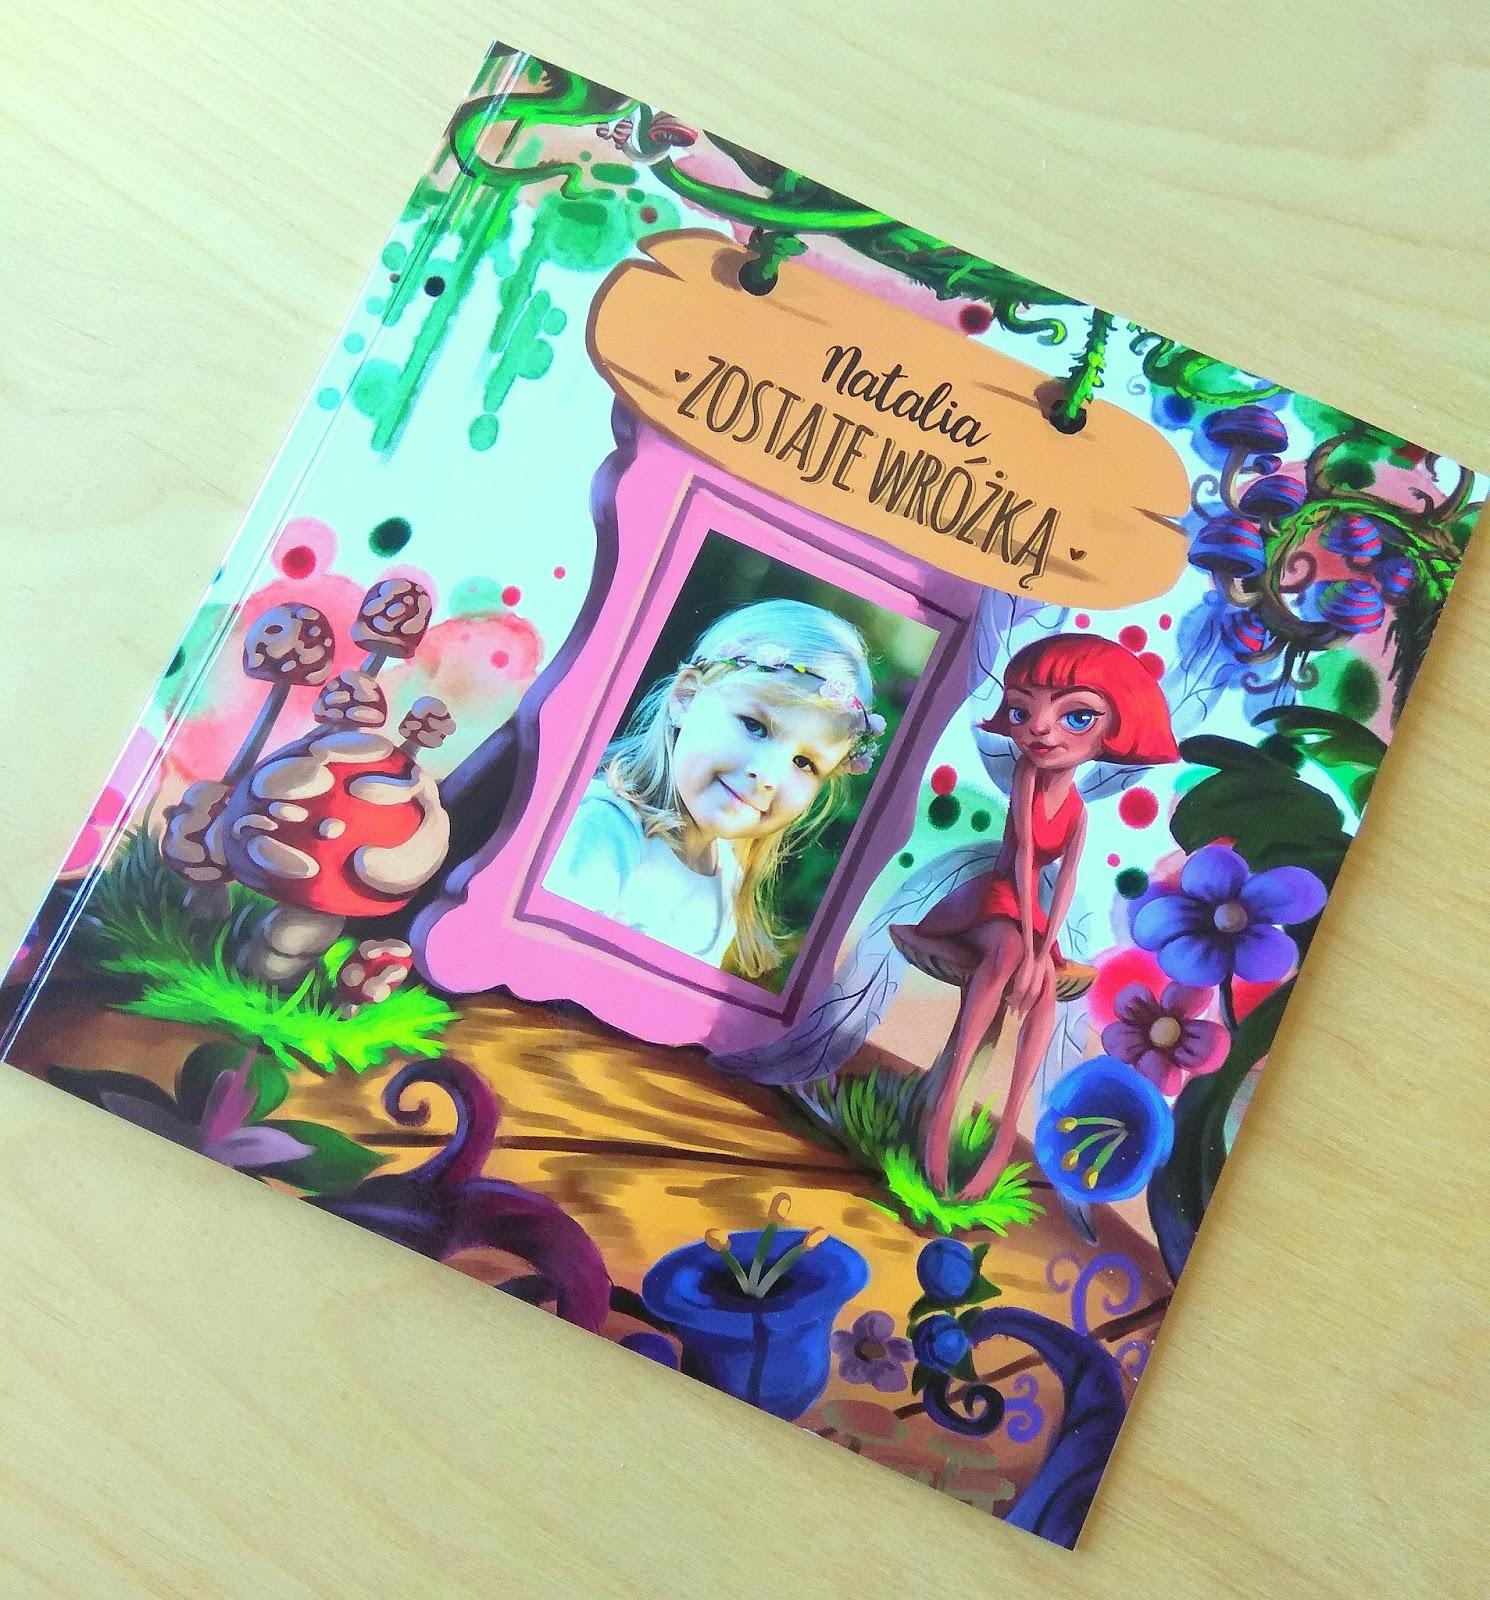 Mamo jestem w bajce! Czyli recenzja personalizowanej książeczki dla dziecka.